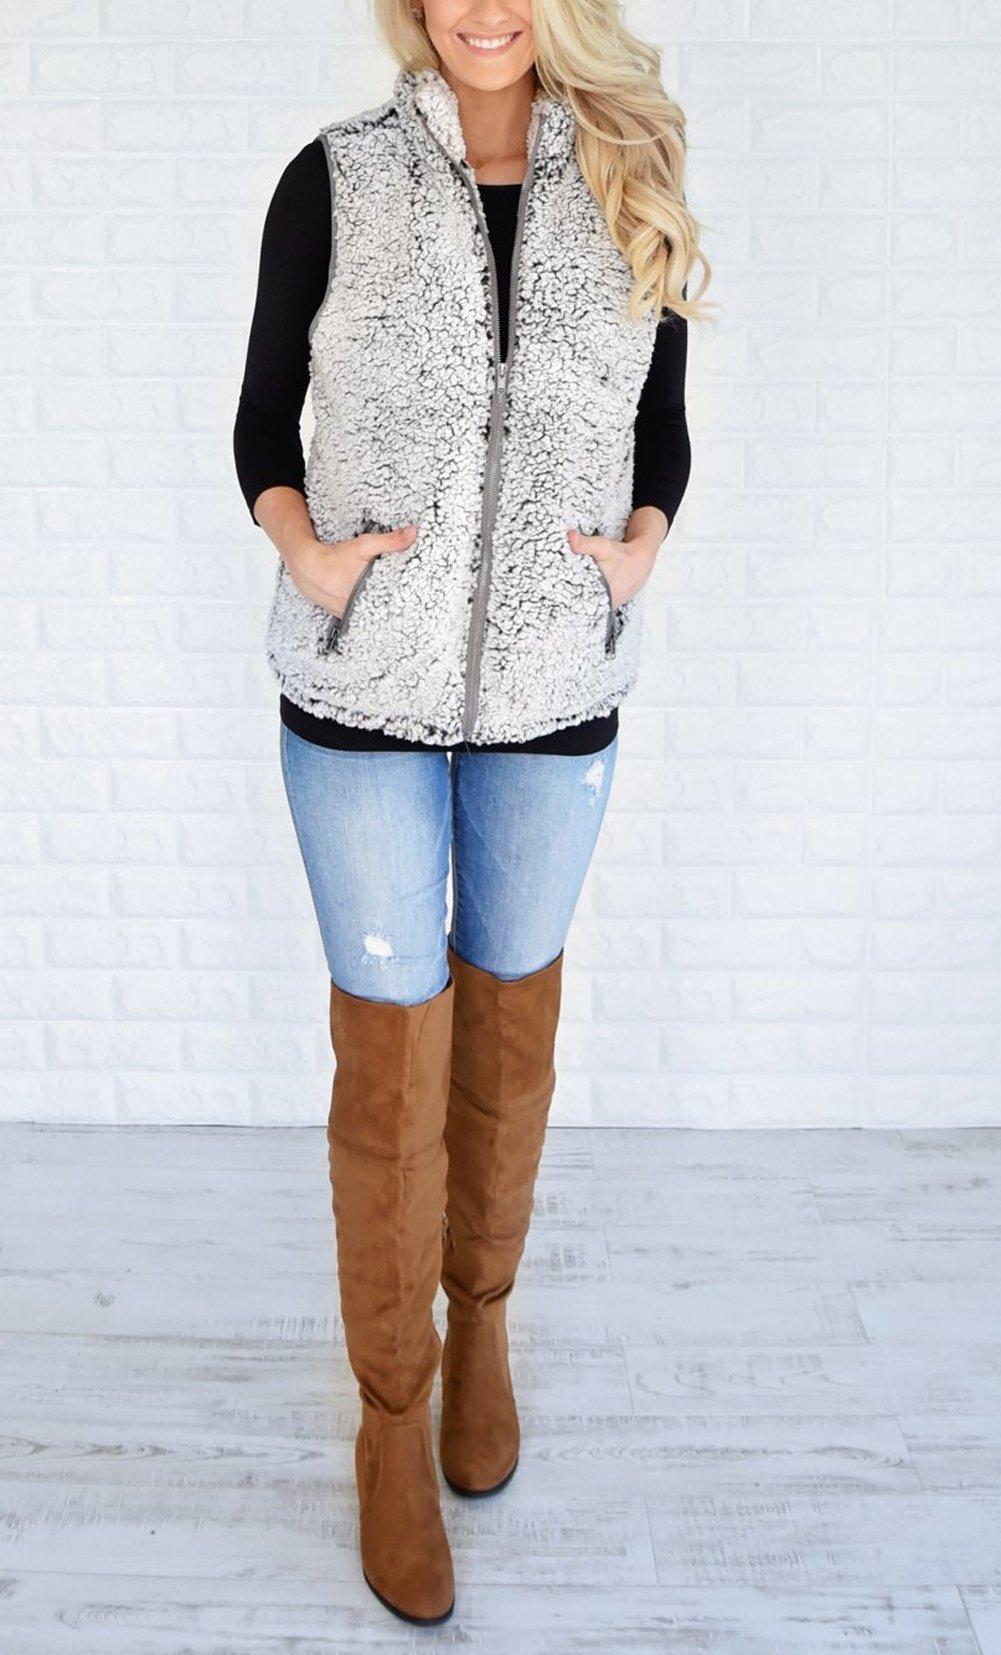 MEROKEETY Women's Casual Sherpa Fleece Lightweight Fall Warm Zipper Vest Pockets by MEROKEETY (Image #4)